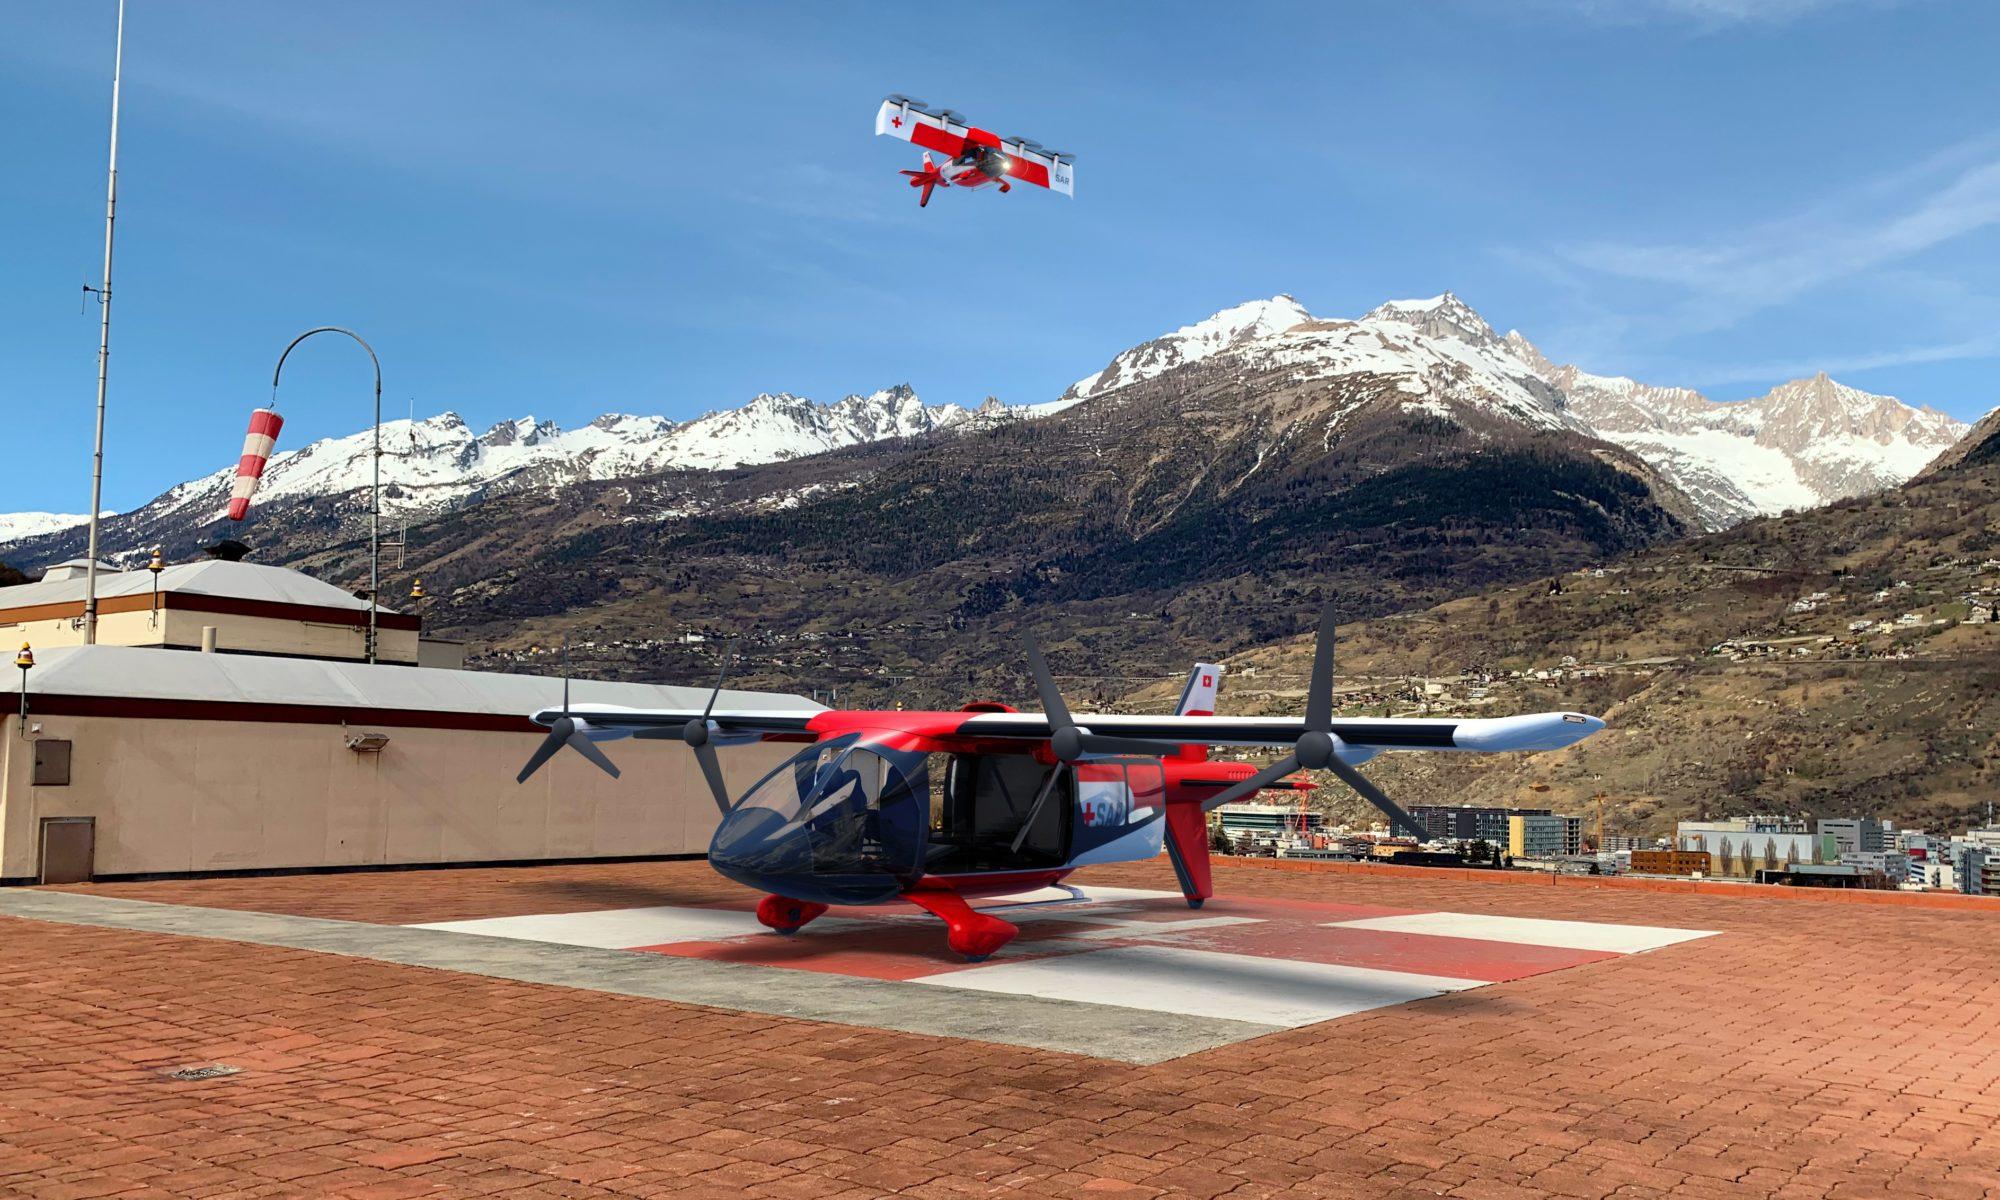 Dufour Aerospace aEro 3